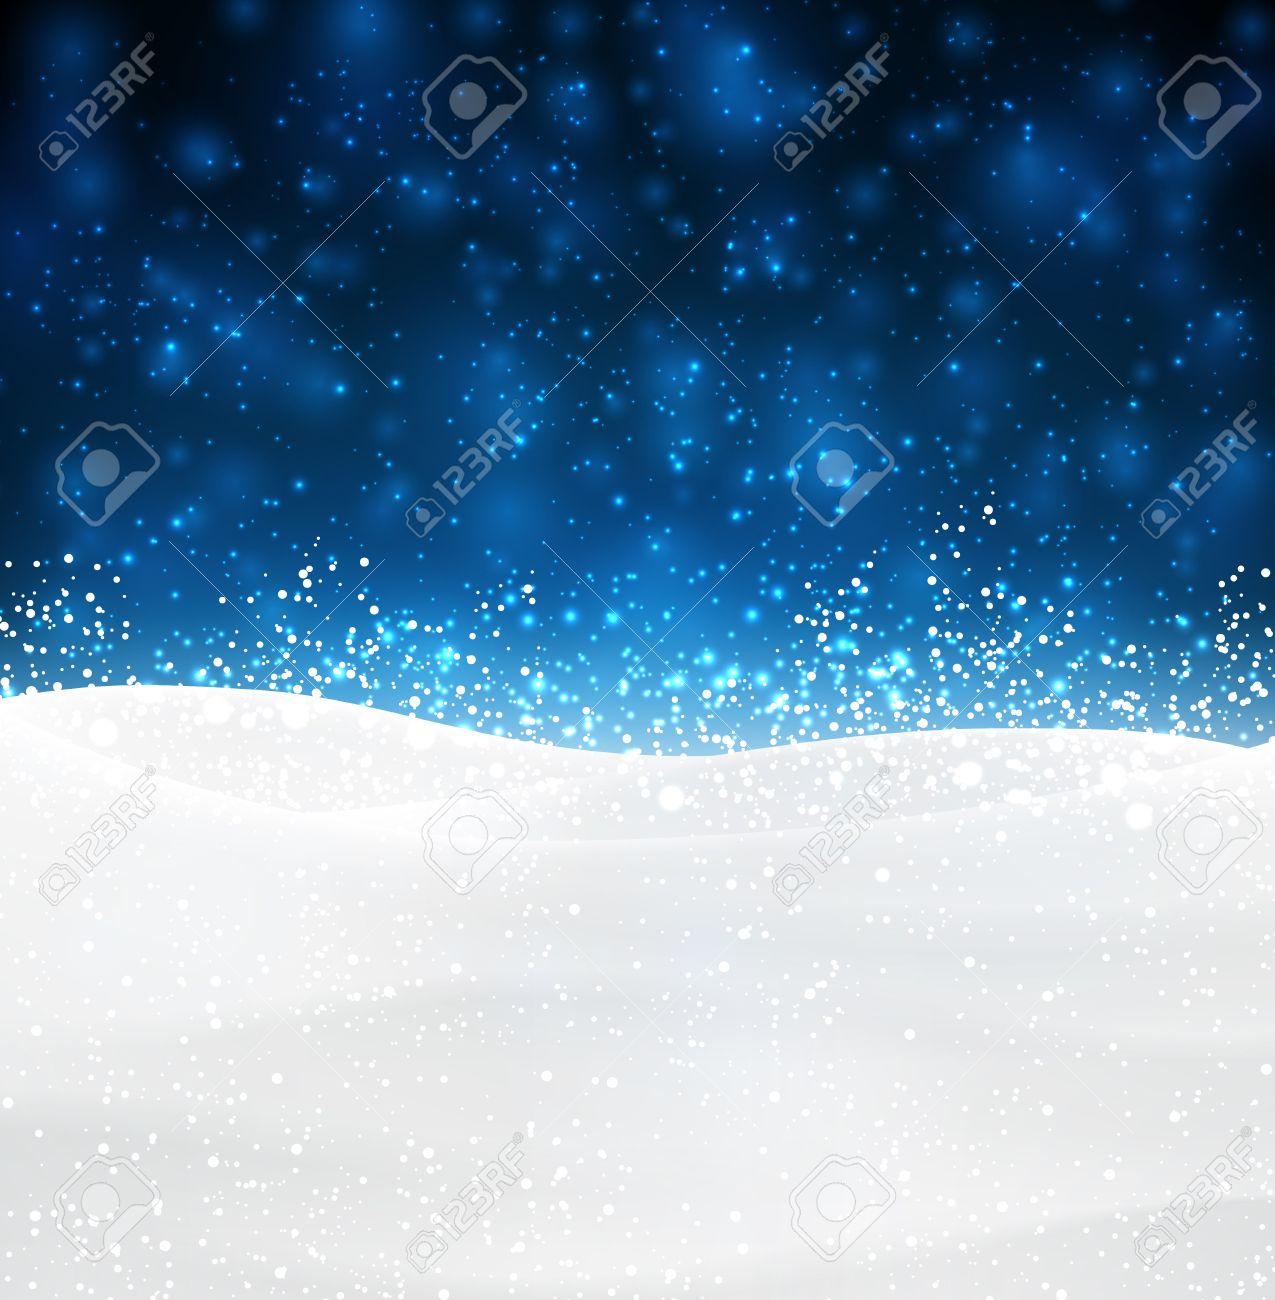 雪との冬の背景。クリスマスの雪の表面。eps10 ベクトル イラスト